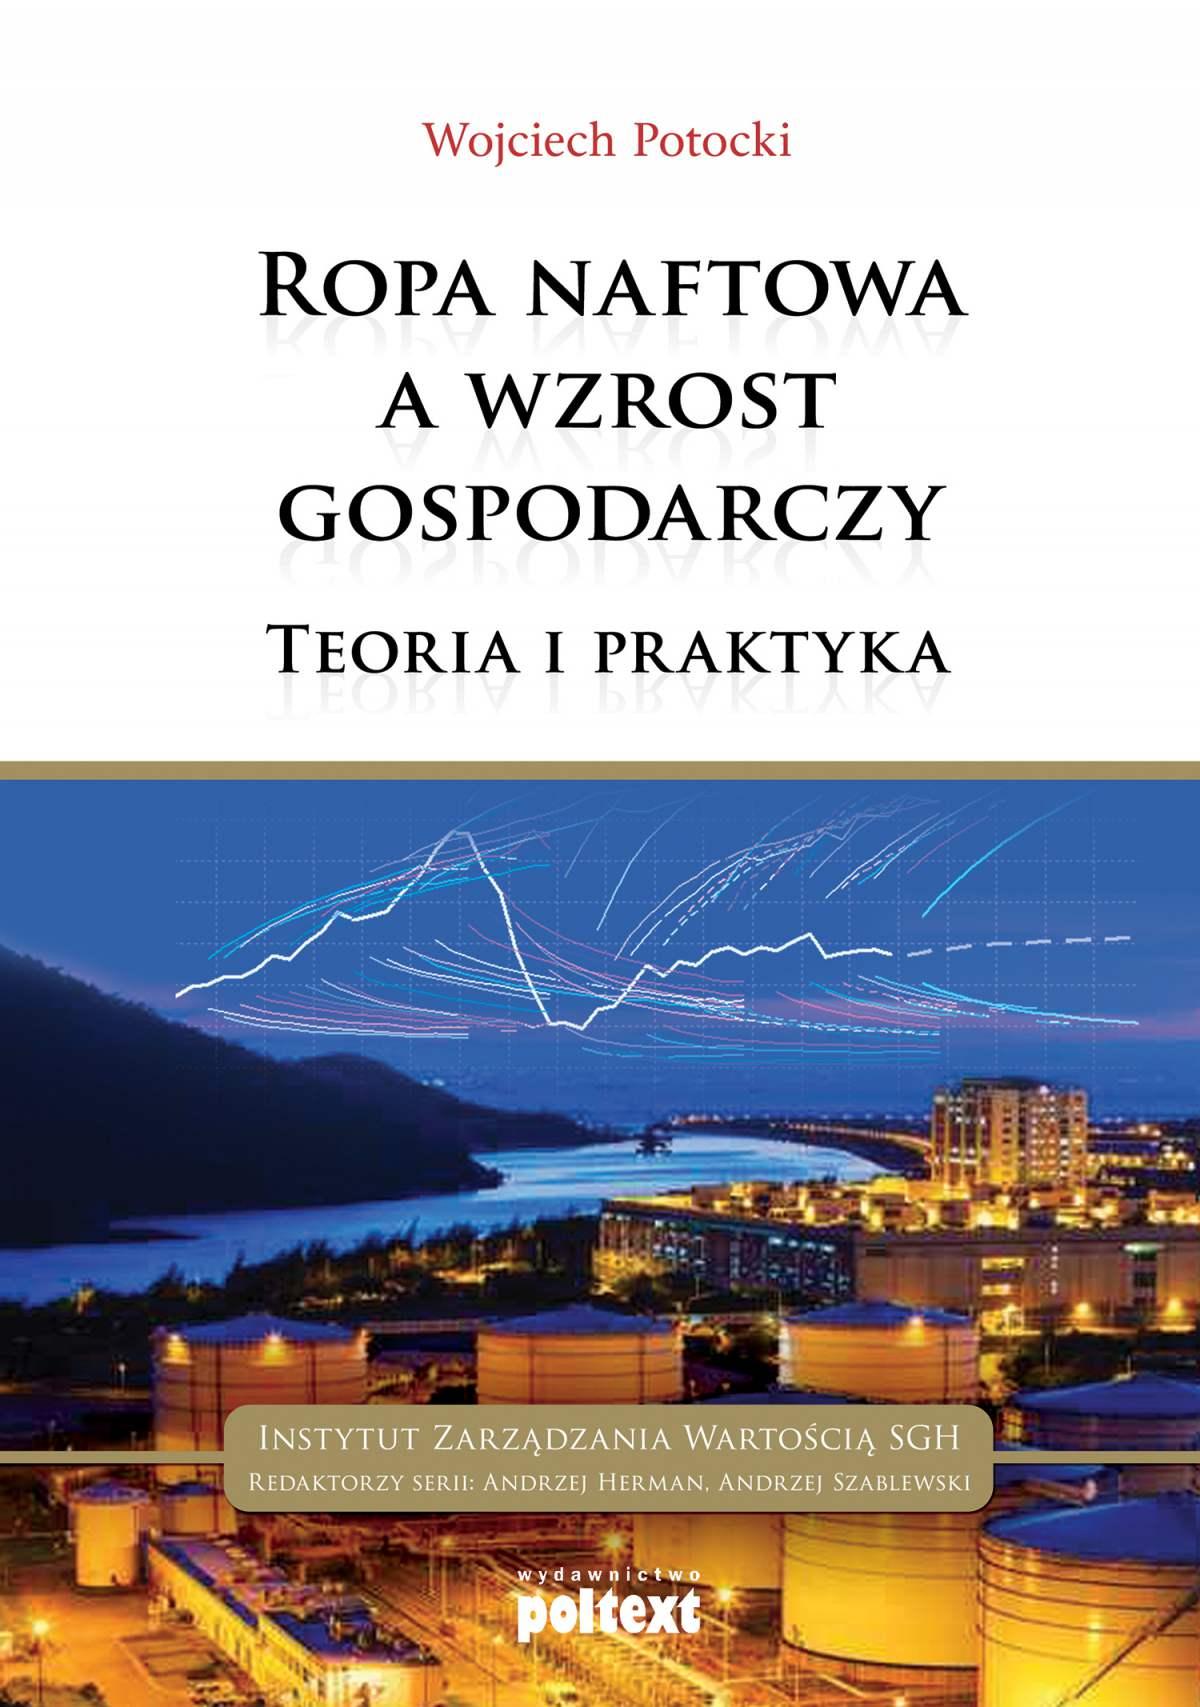 Ropa naftowa a wzrost gospodarczy - Ebook (Książka PDF) do pobrania w formacie PDF